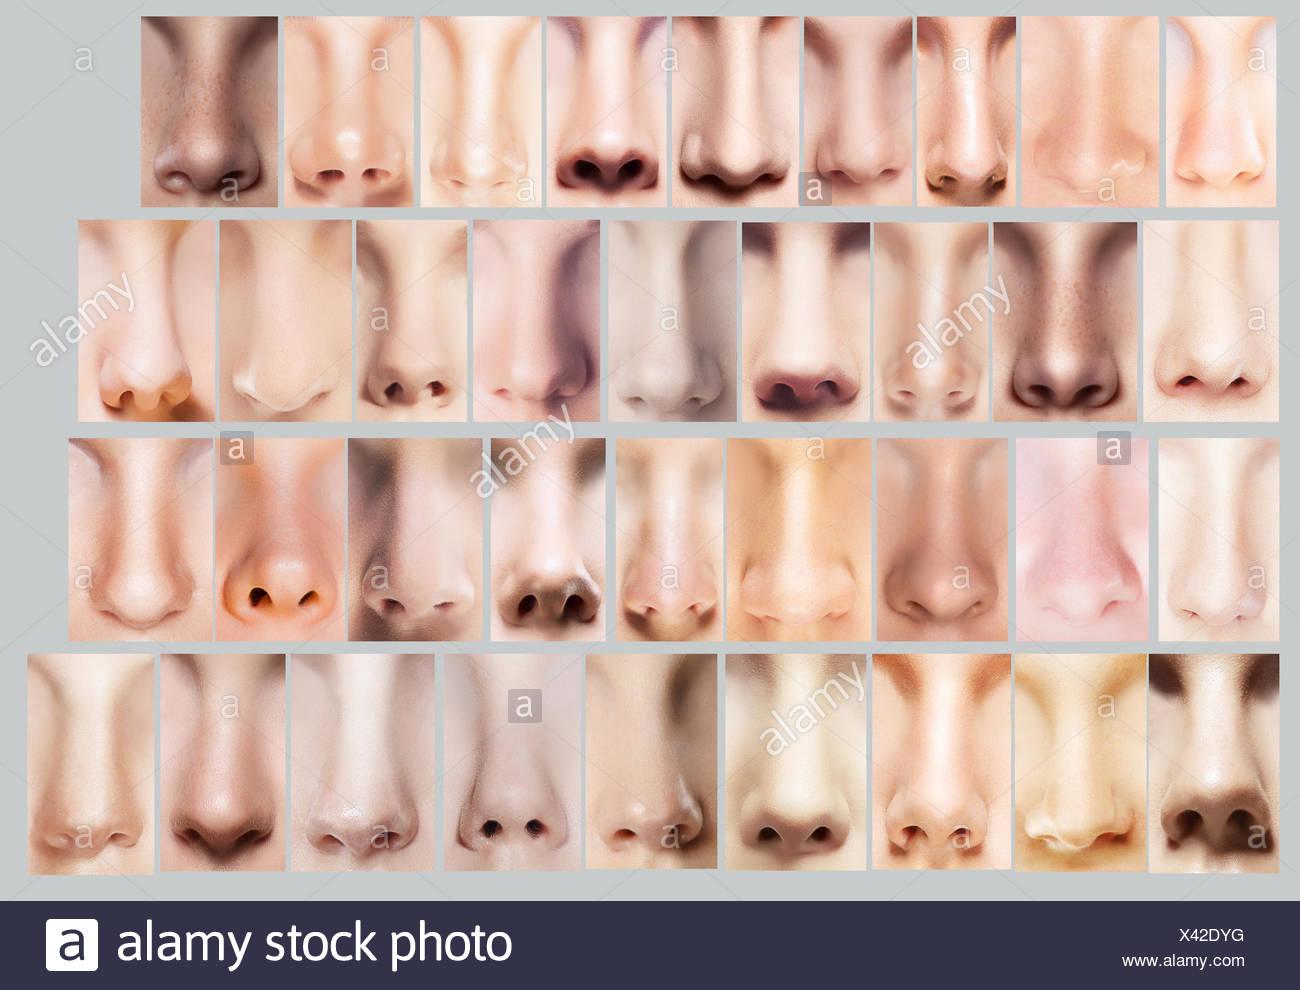 Teile des Körpers. Große Auswahl an Damen Nasen. Satz der ...